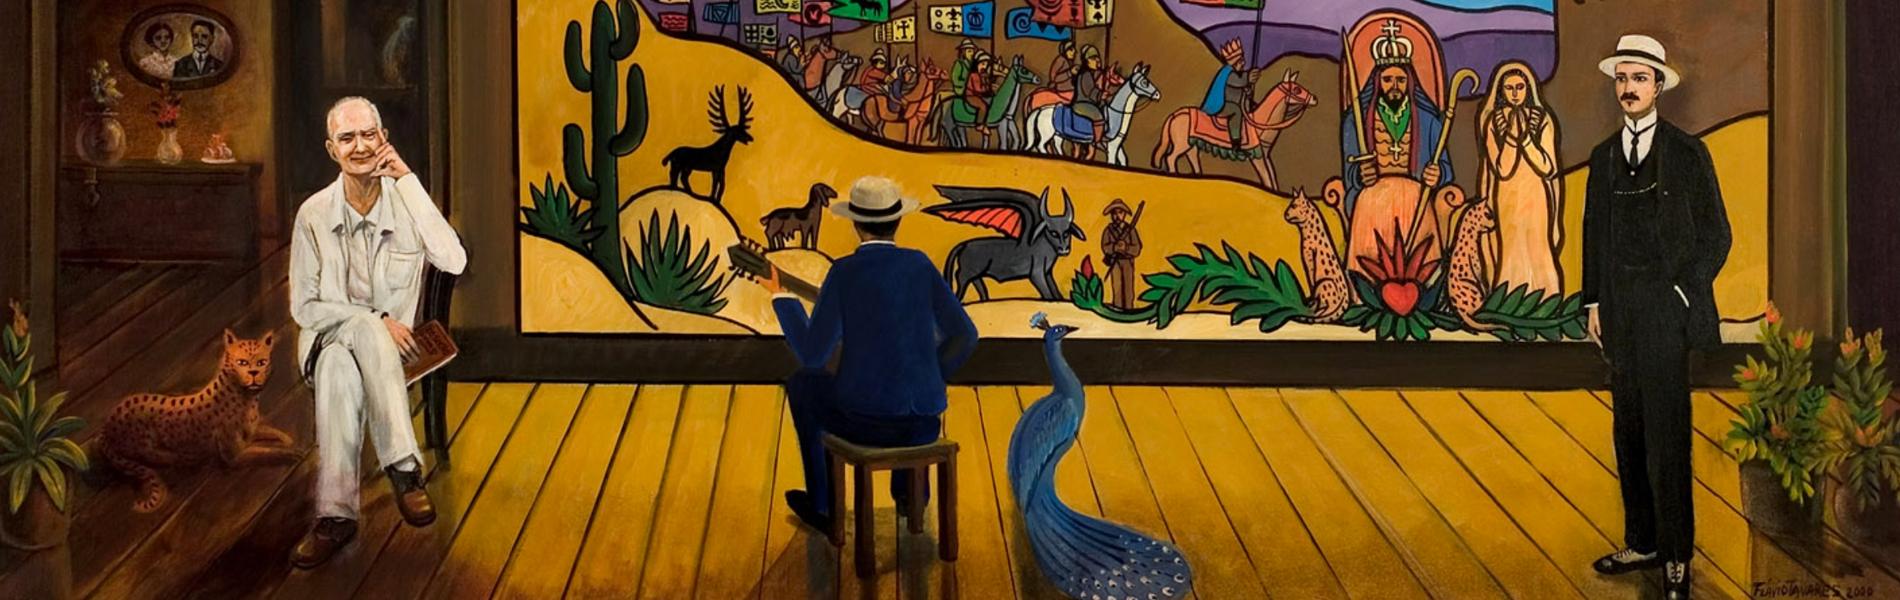 ilustração de um palco onde podemos ver Ariano Suassuna sentado e mais duas pessoas de terno